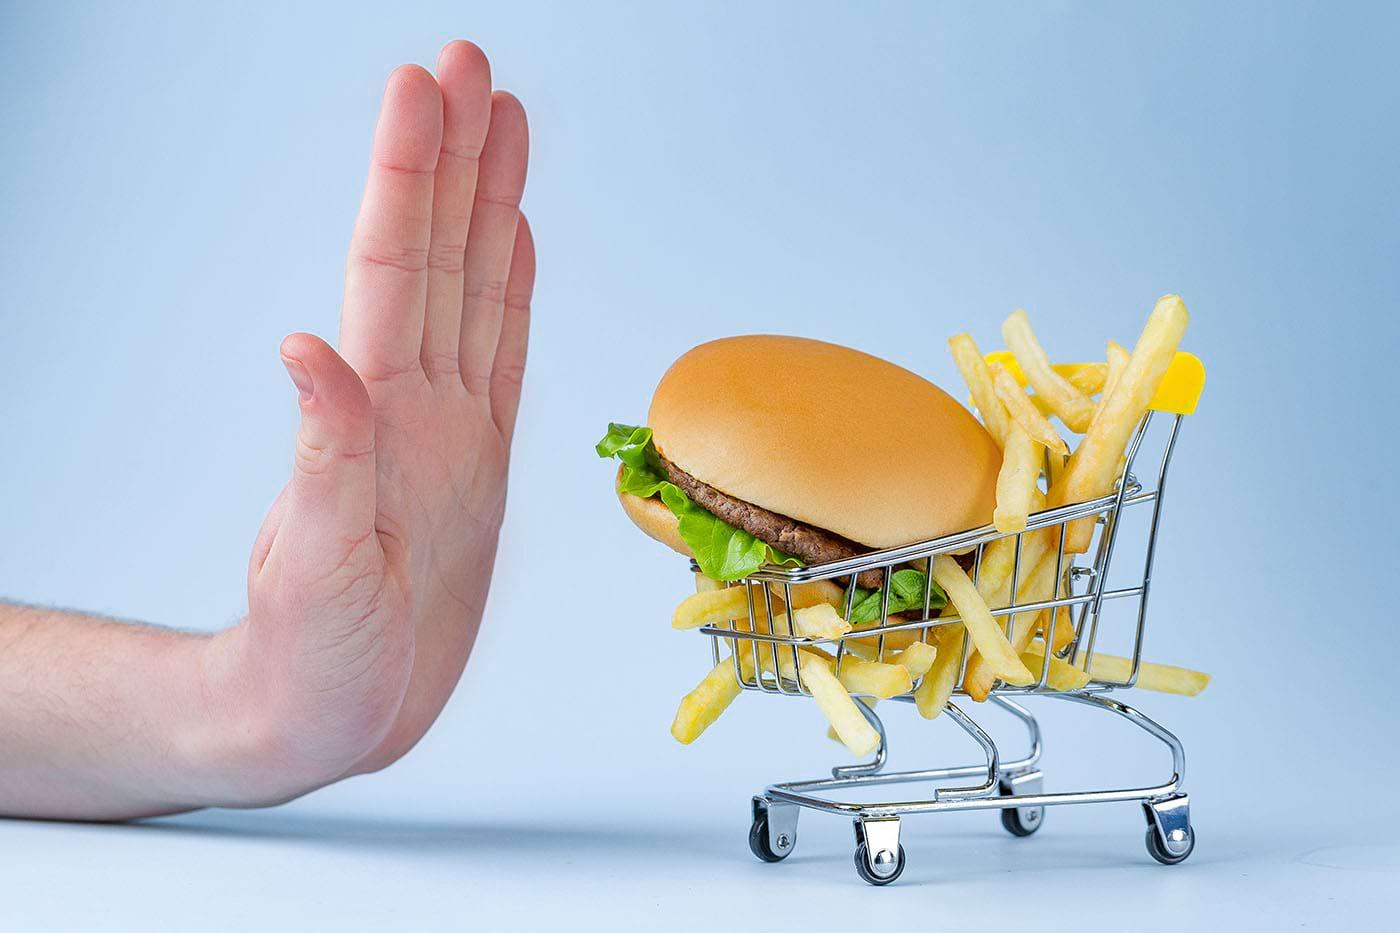 Cum limitezi consumul de grăsimi?